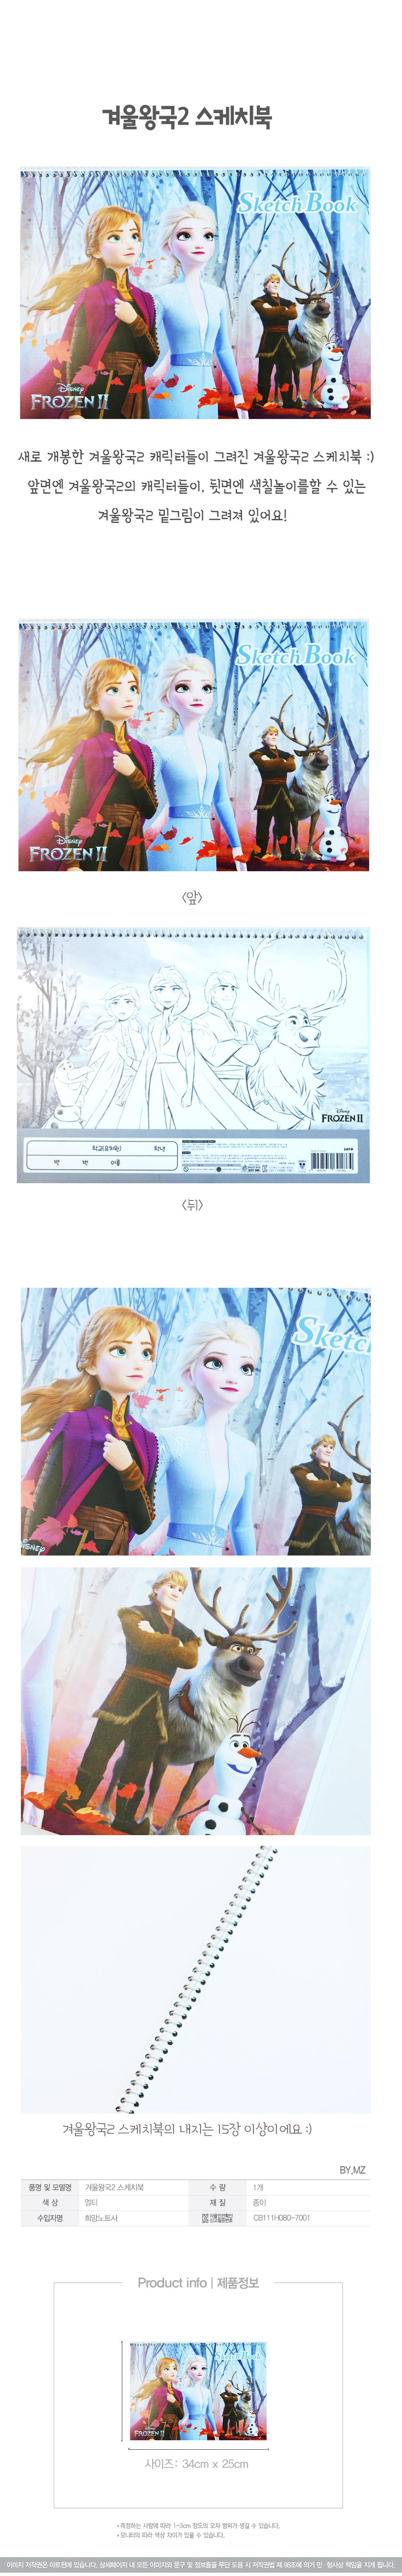 2000겨울왕국2스케치북 - 아트윈, 2,000원, 화방지류, 스케치북